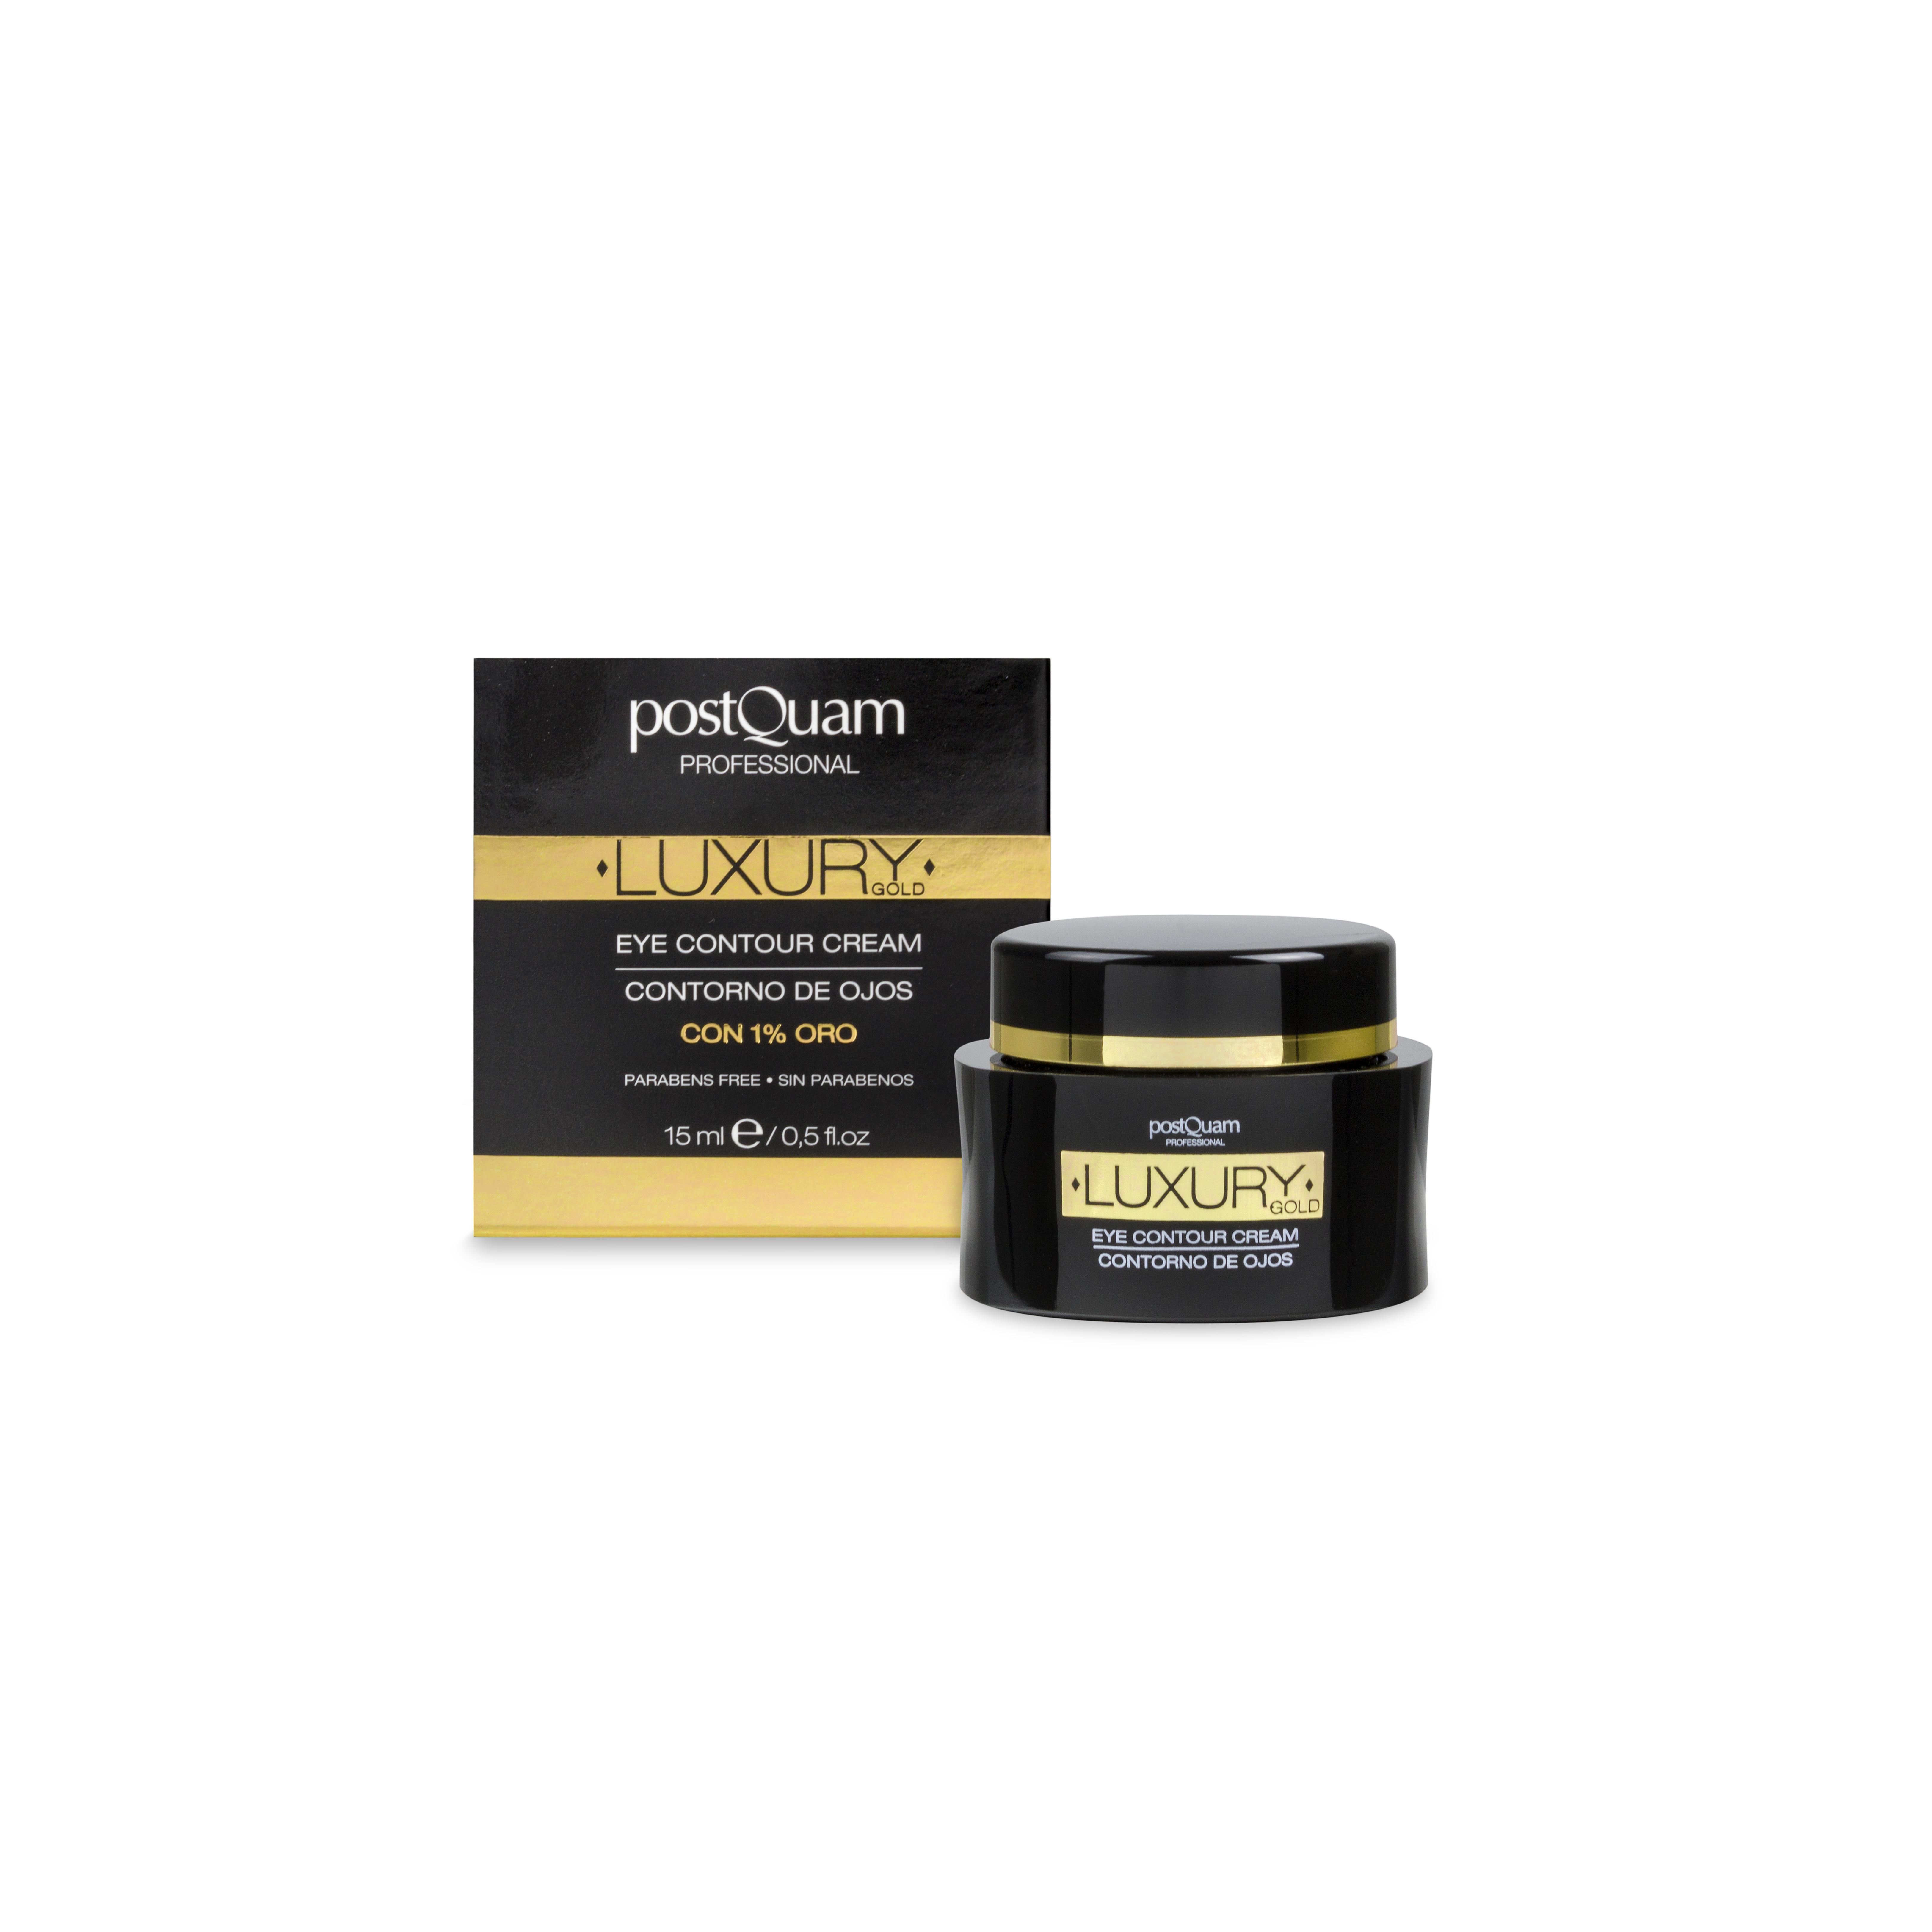 postQuam - Kem Luxury Gold giúp giảm nếp nhăn & chảy xệ vùng mắt - 15ml